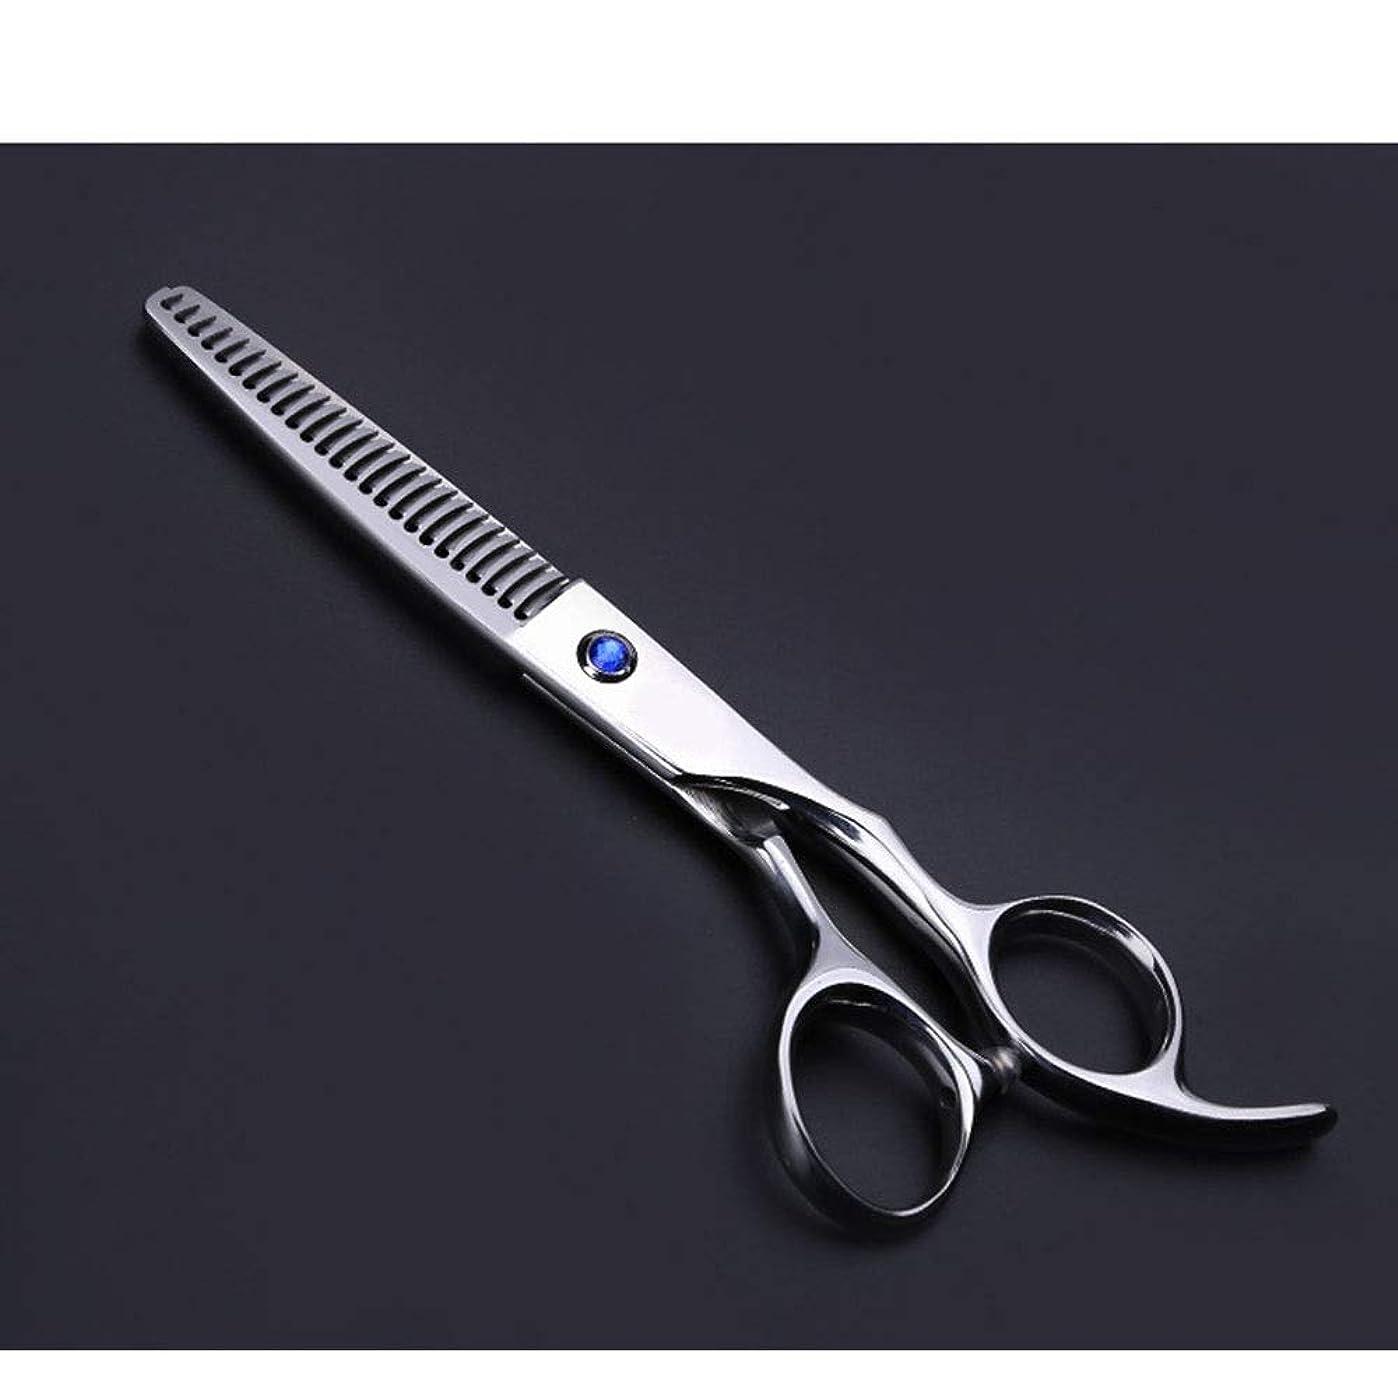 噛むしばしばつぶす理髪用はさみ 6インチ美容院プロのヘアカットはさみヘアカットはさみステンレス理髪はさみ (色 : Silver)